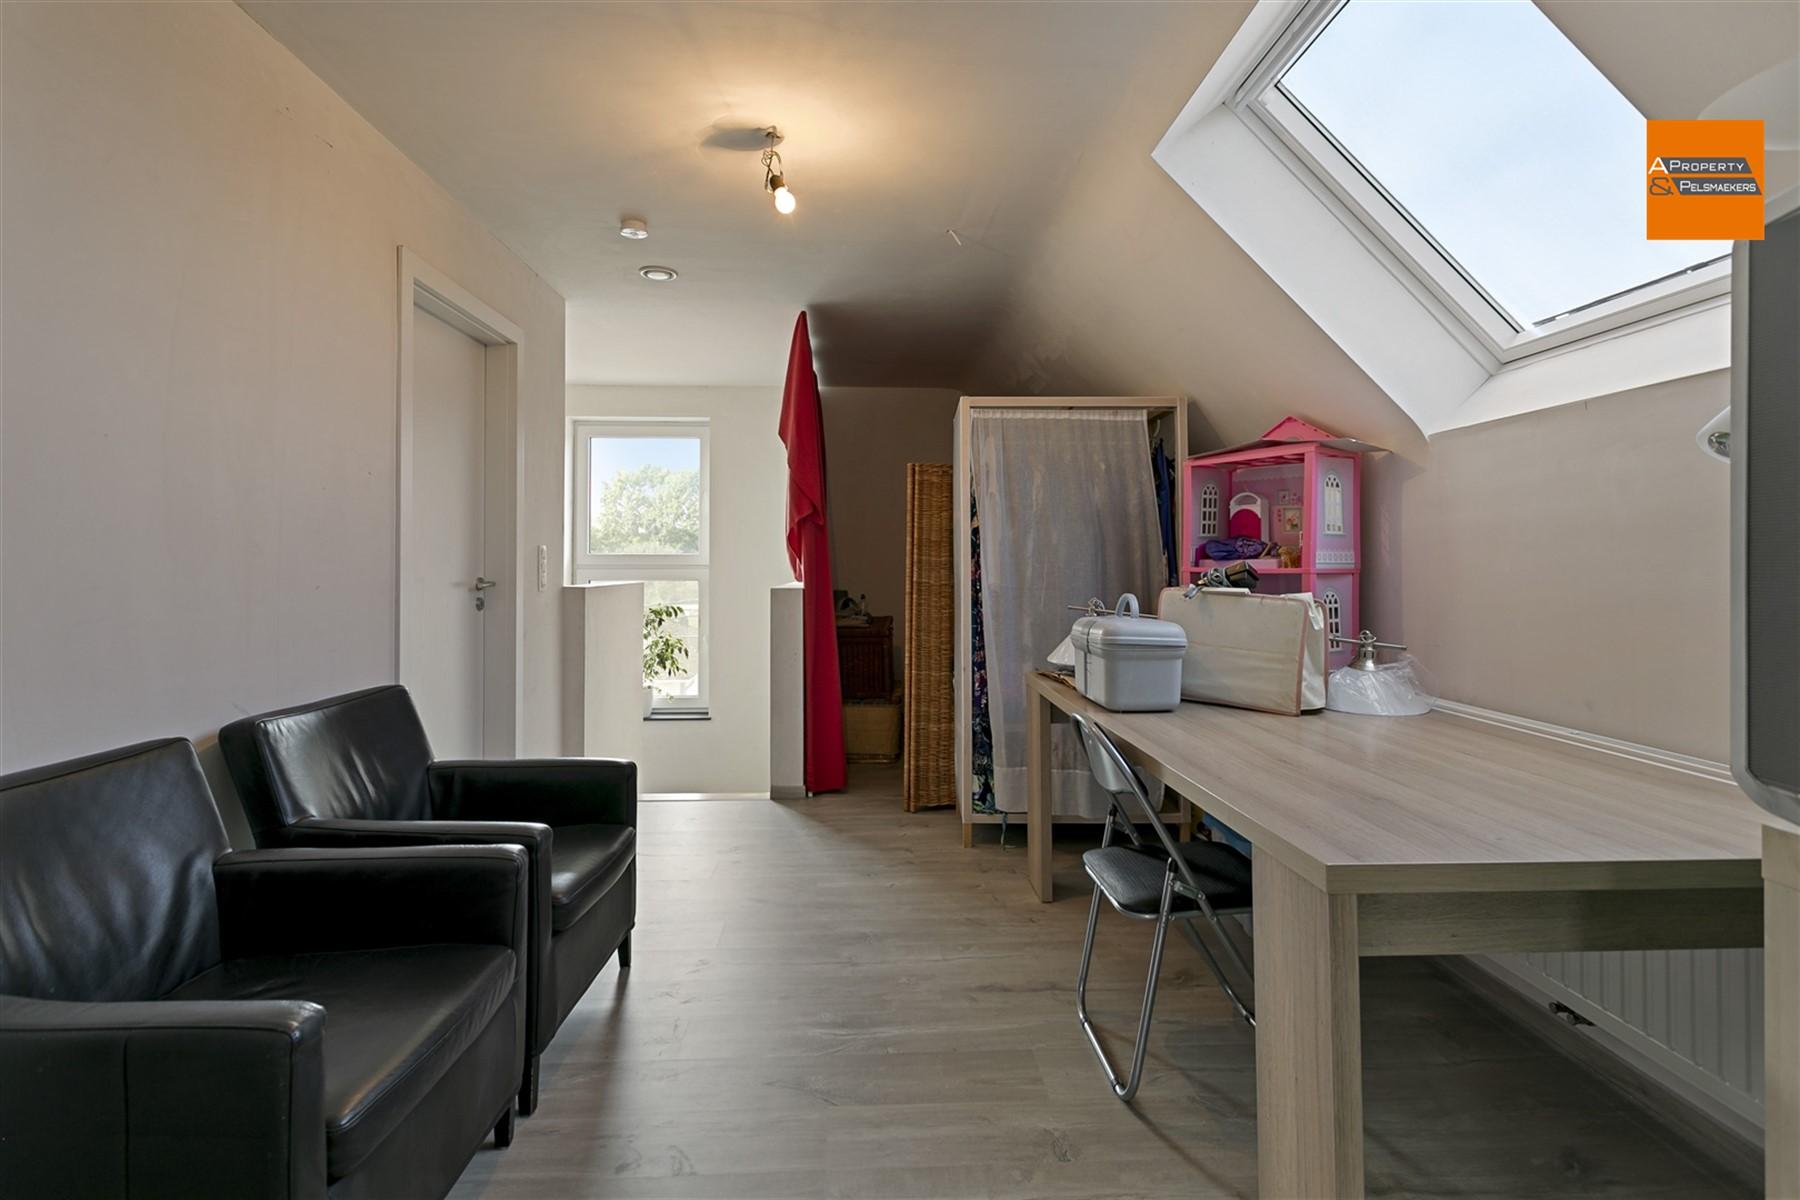 Foto 24 : Huis in 3071 ERPS-KWERPS (België) - Prijs € 650.000